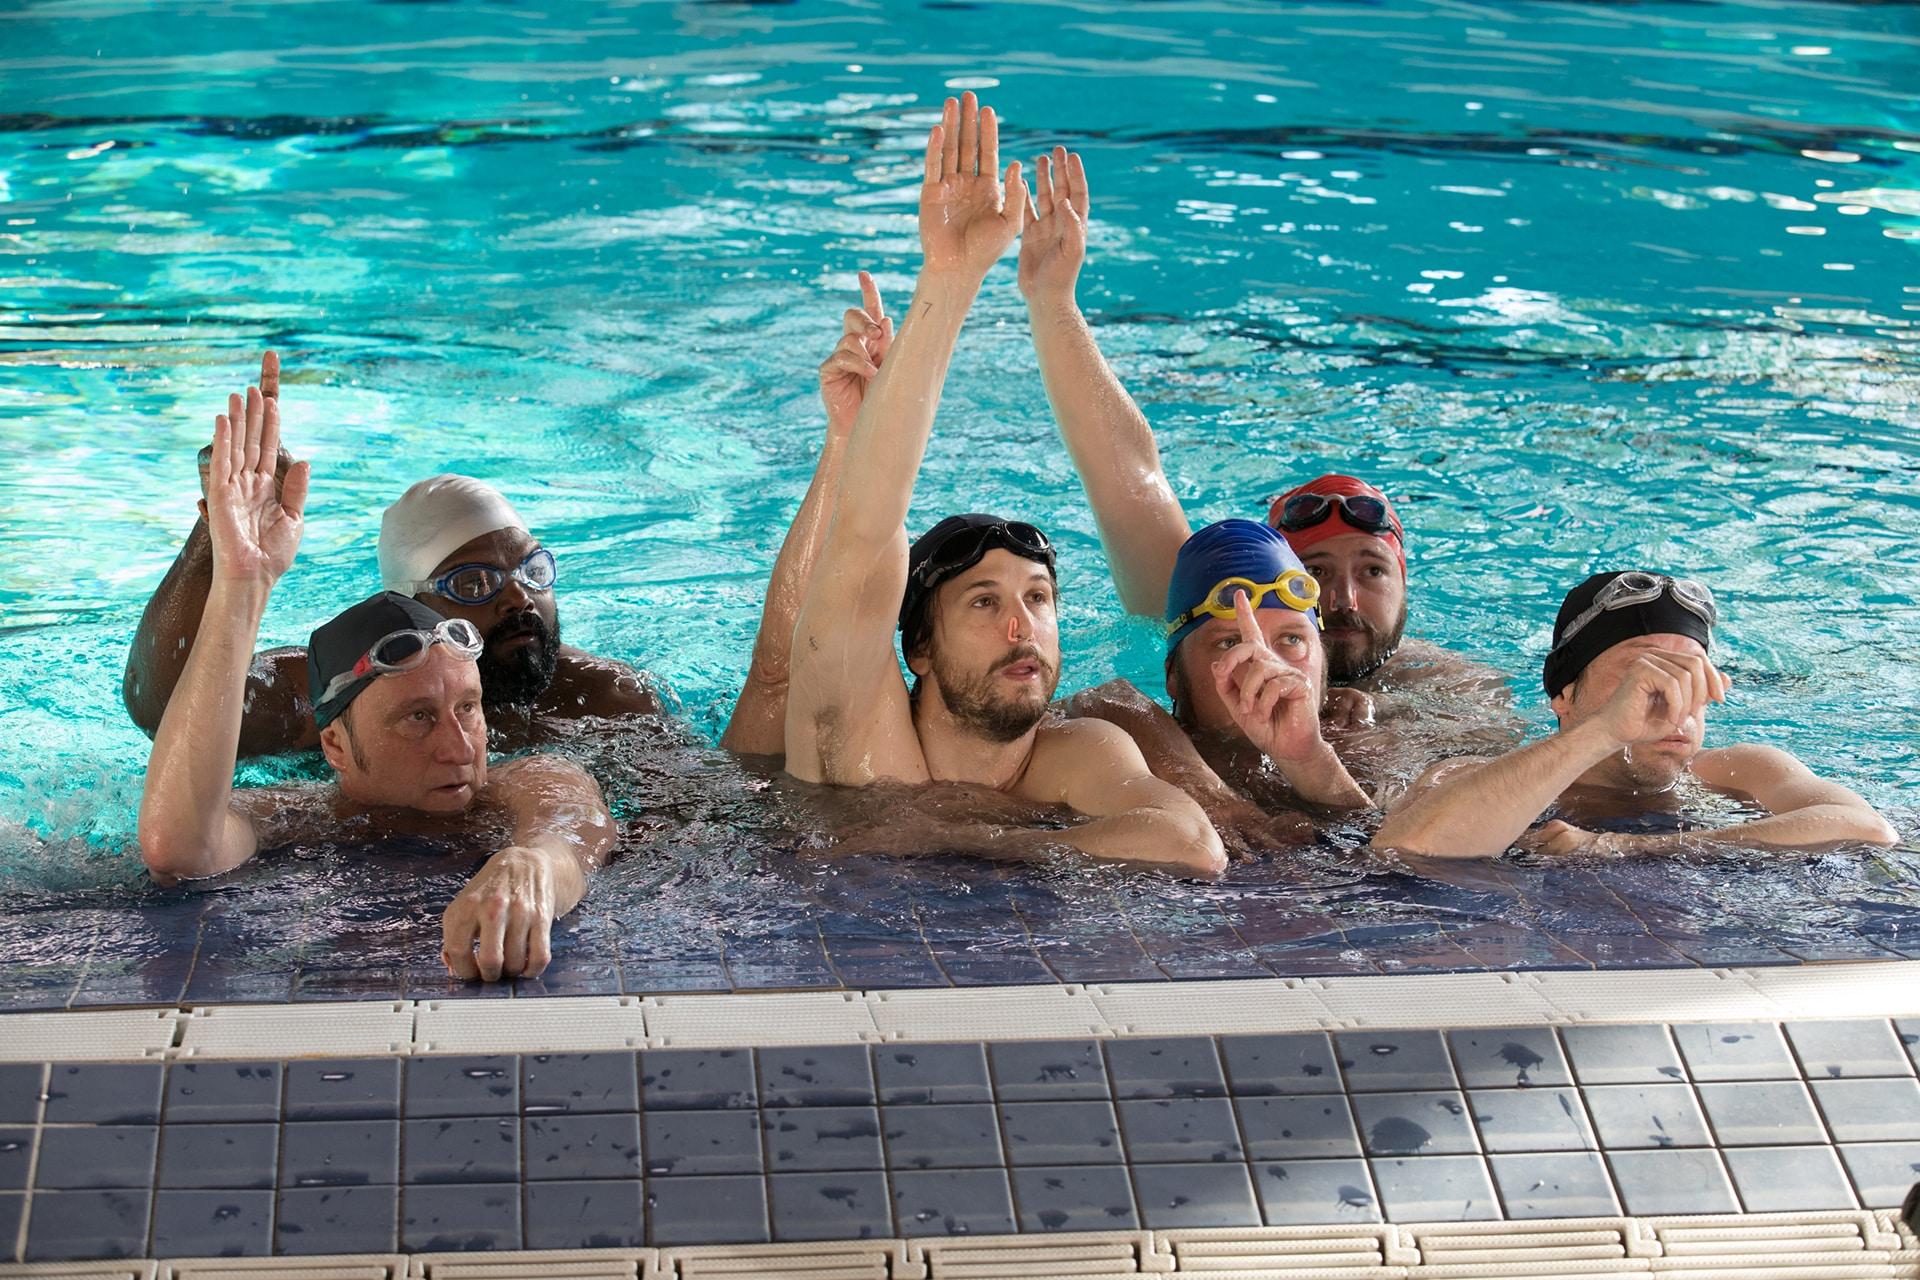 Um Banho de Vida, comédia francesa que estreia em 21 de março no Brasil, tem nova cena inédita divulgada